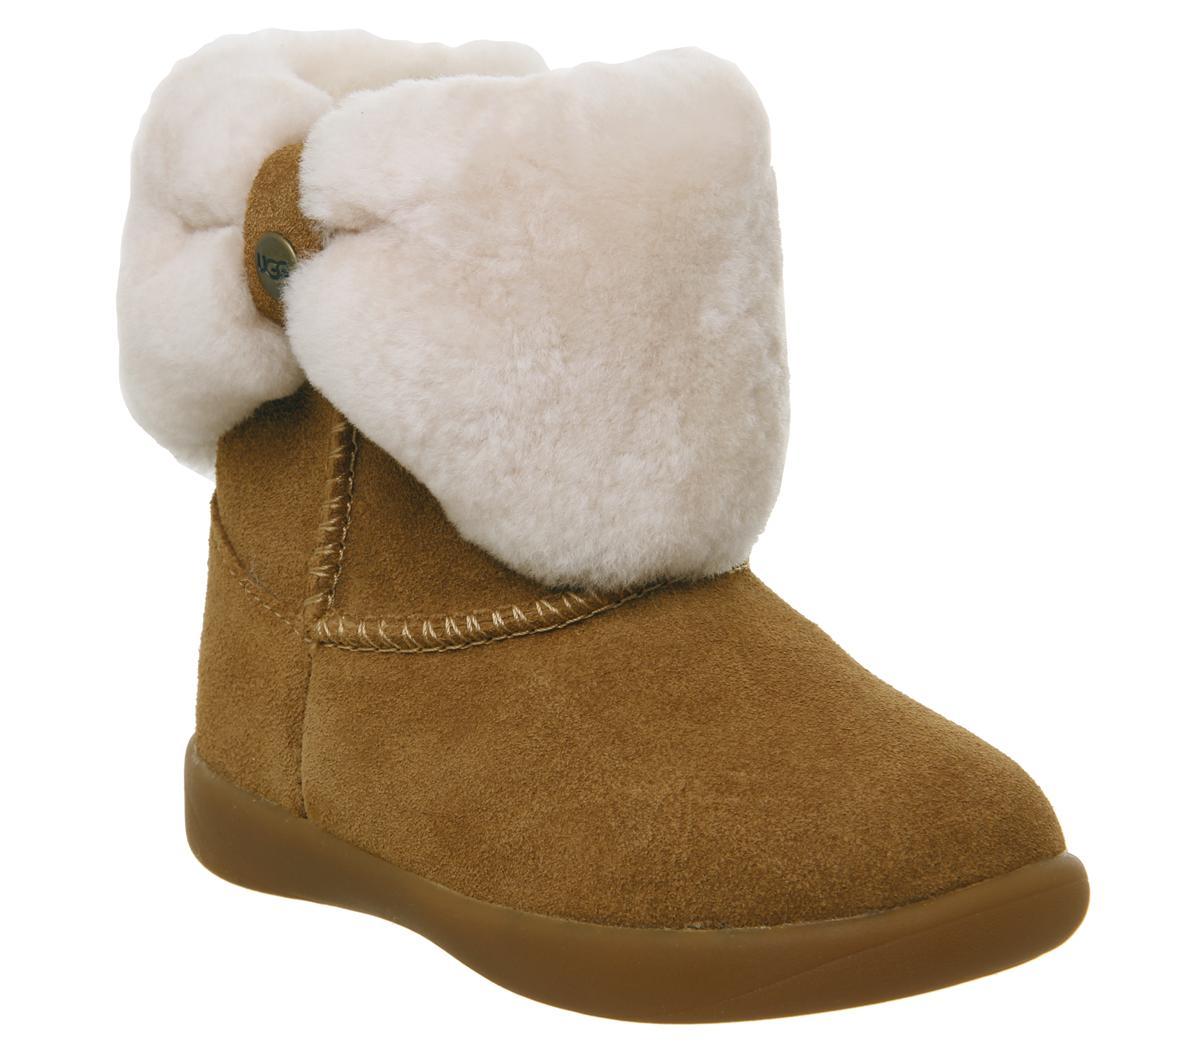 Ramona Boots